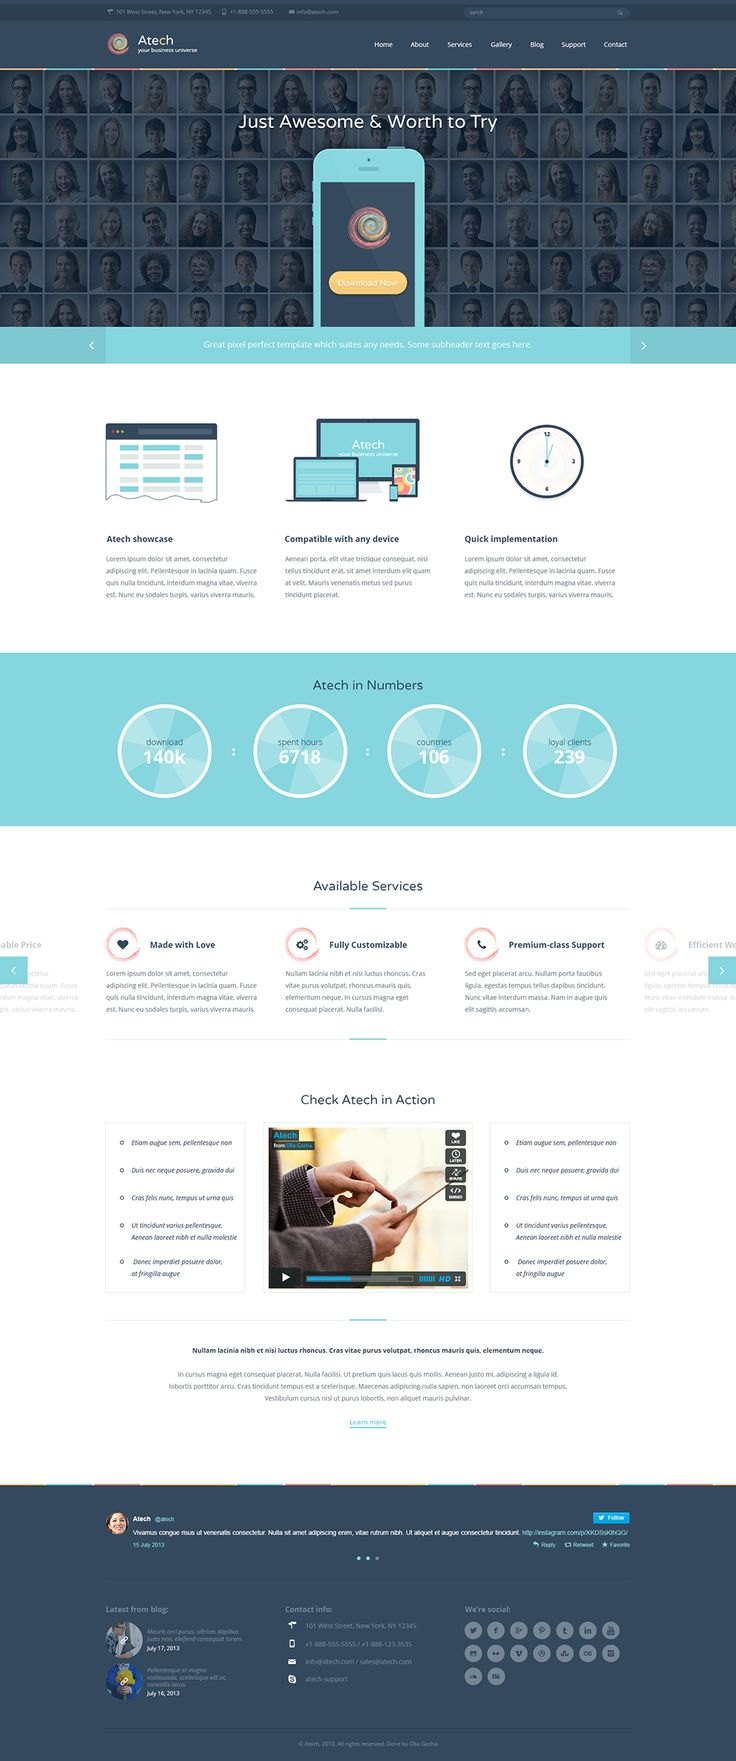 75 best website design images on pinterest | website designs, web